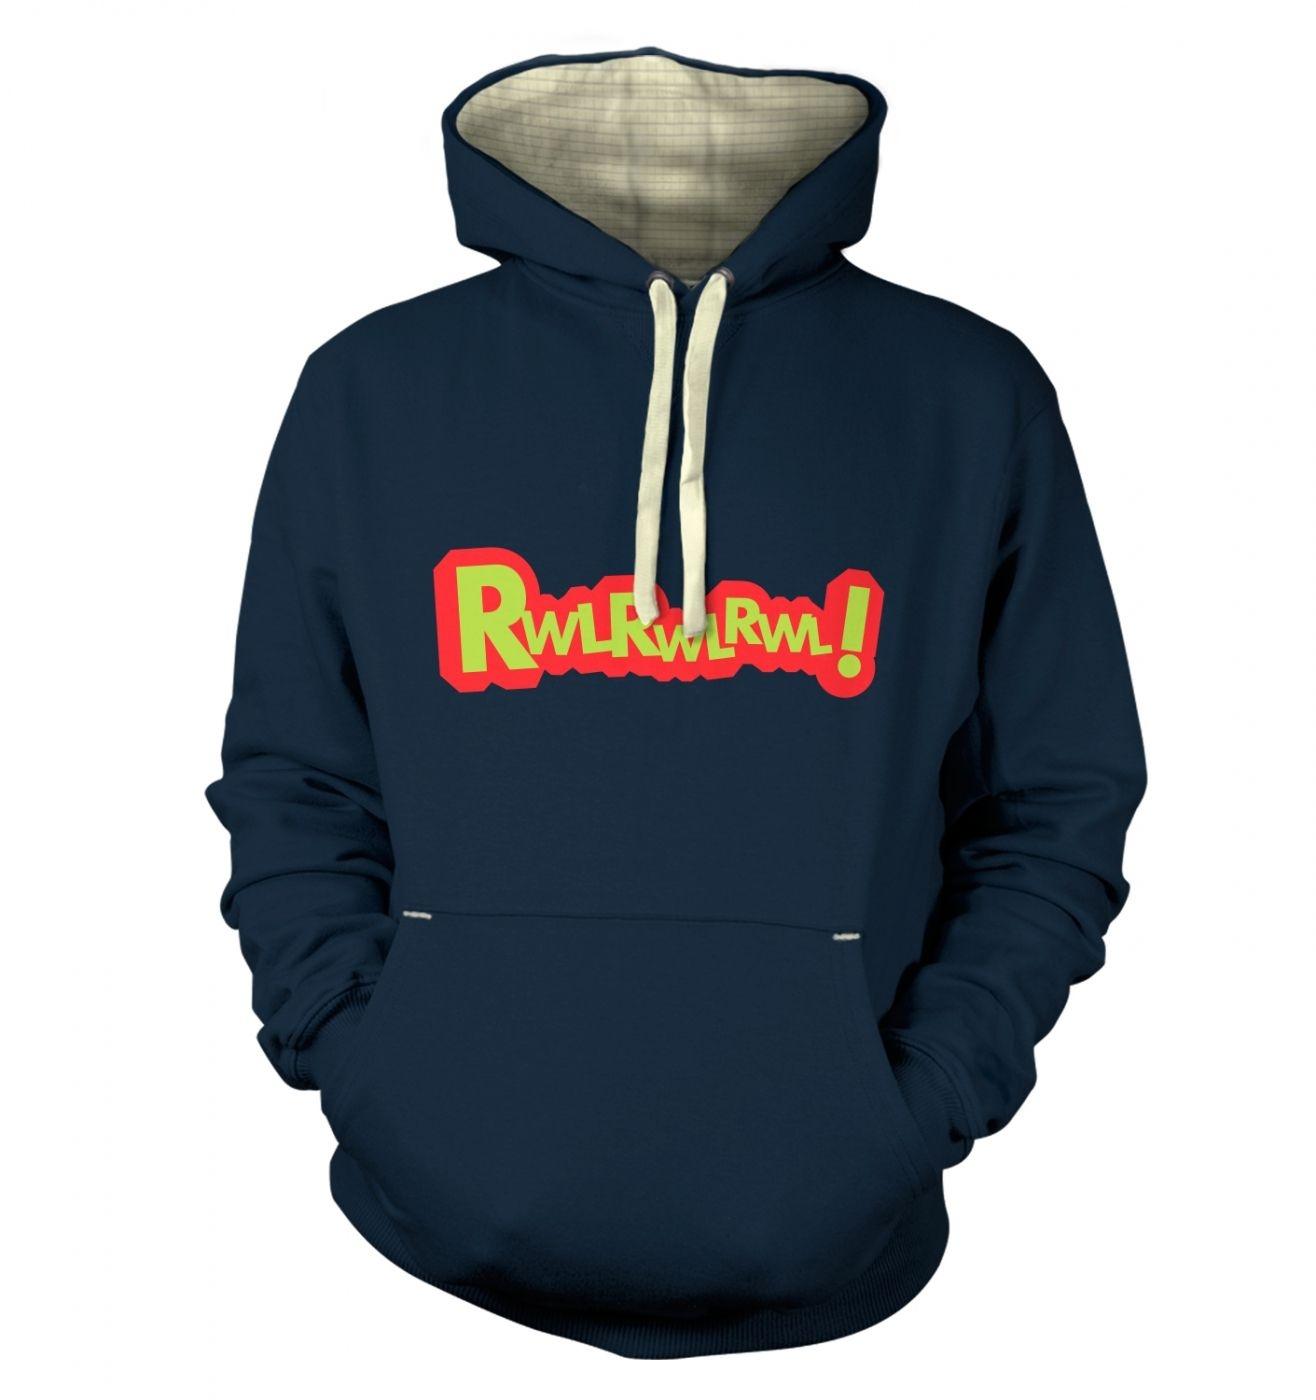 Rwlrwlrwl Adult Premium Hoodie